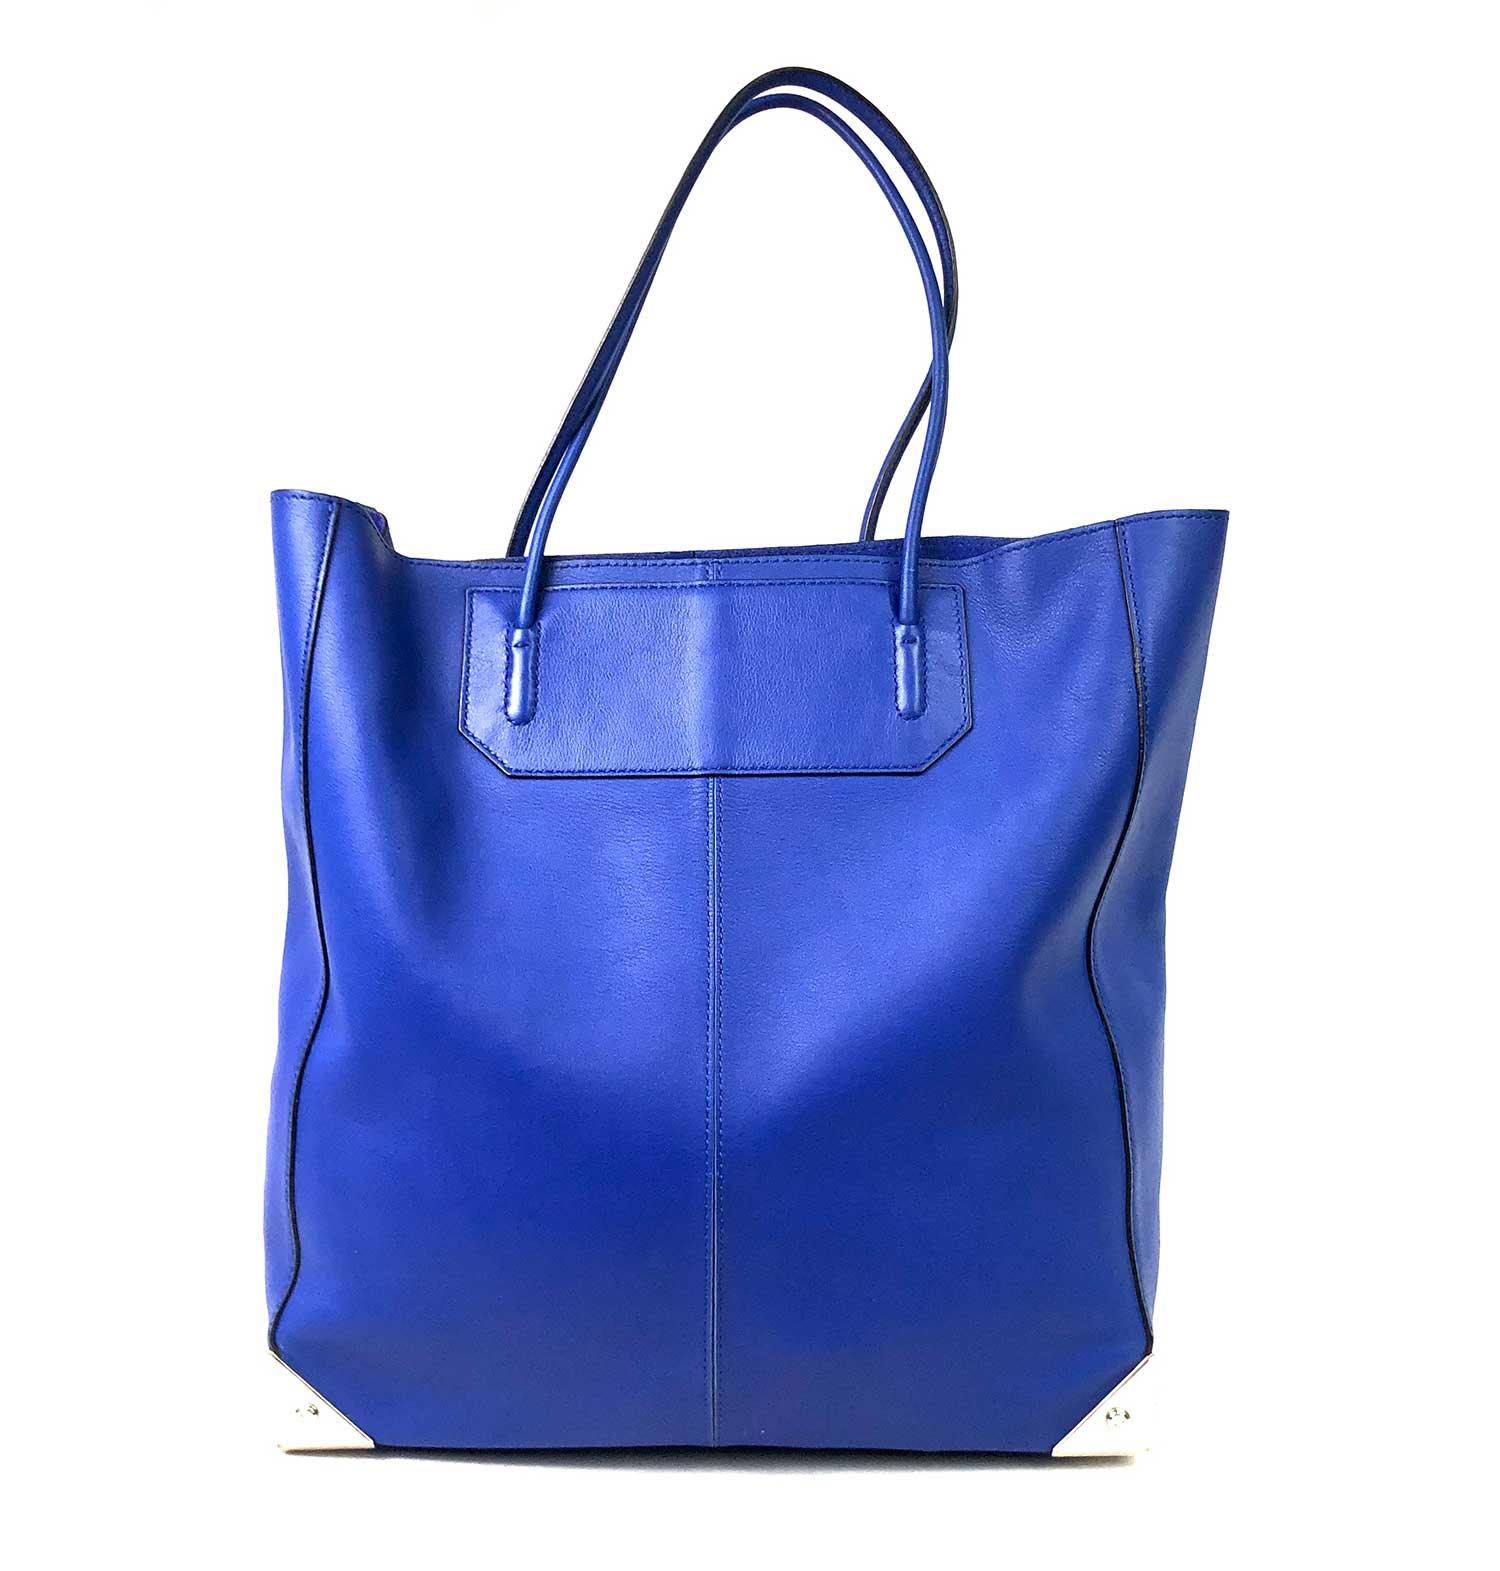 Bolsa Alexander Wang Prisma Azul